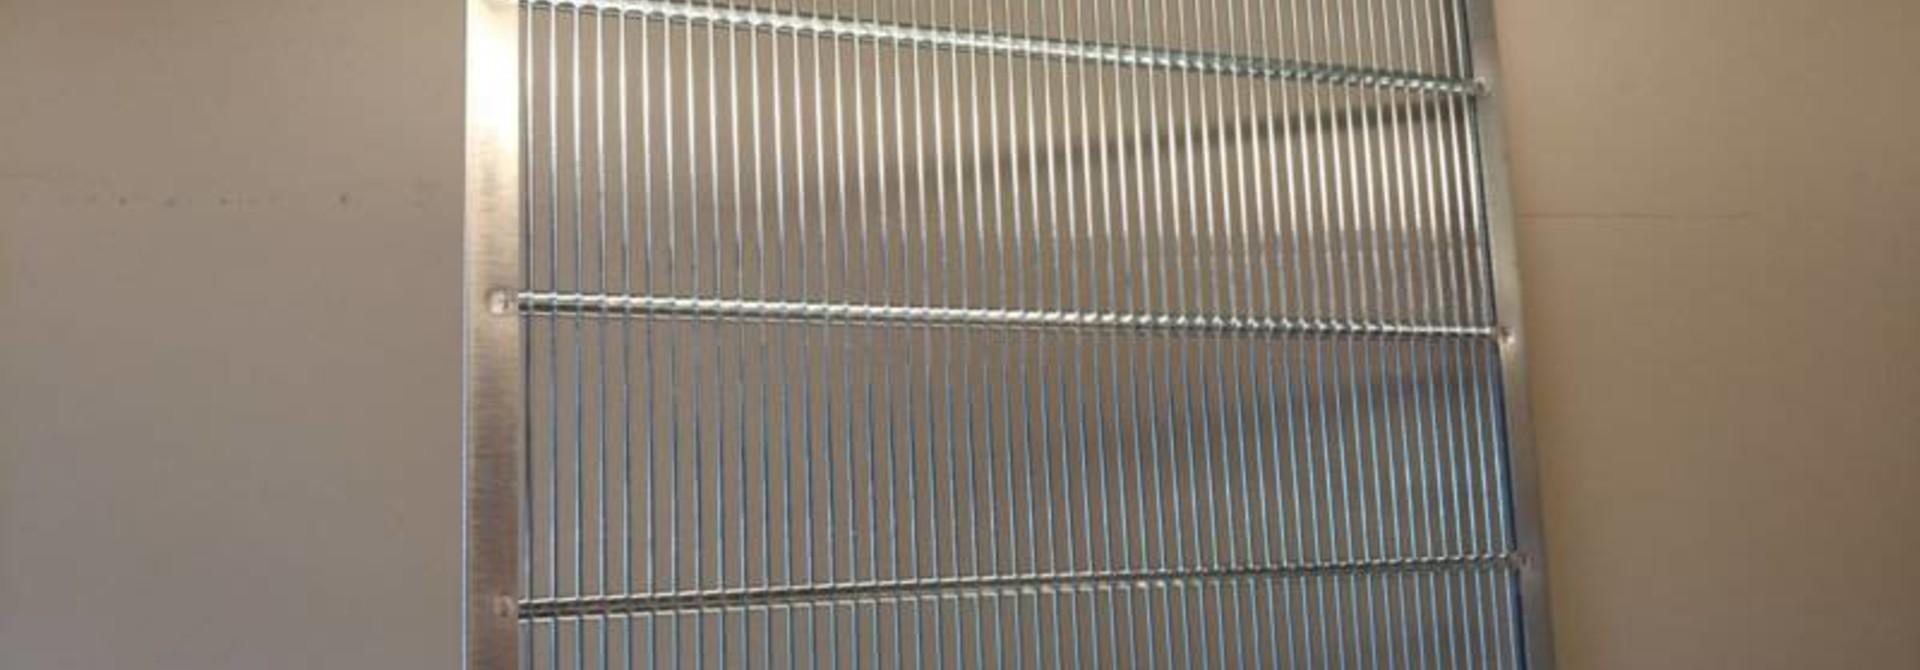 Gegalvaniseerde koninginnerooster 360 x 360 mm